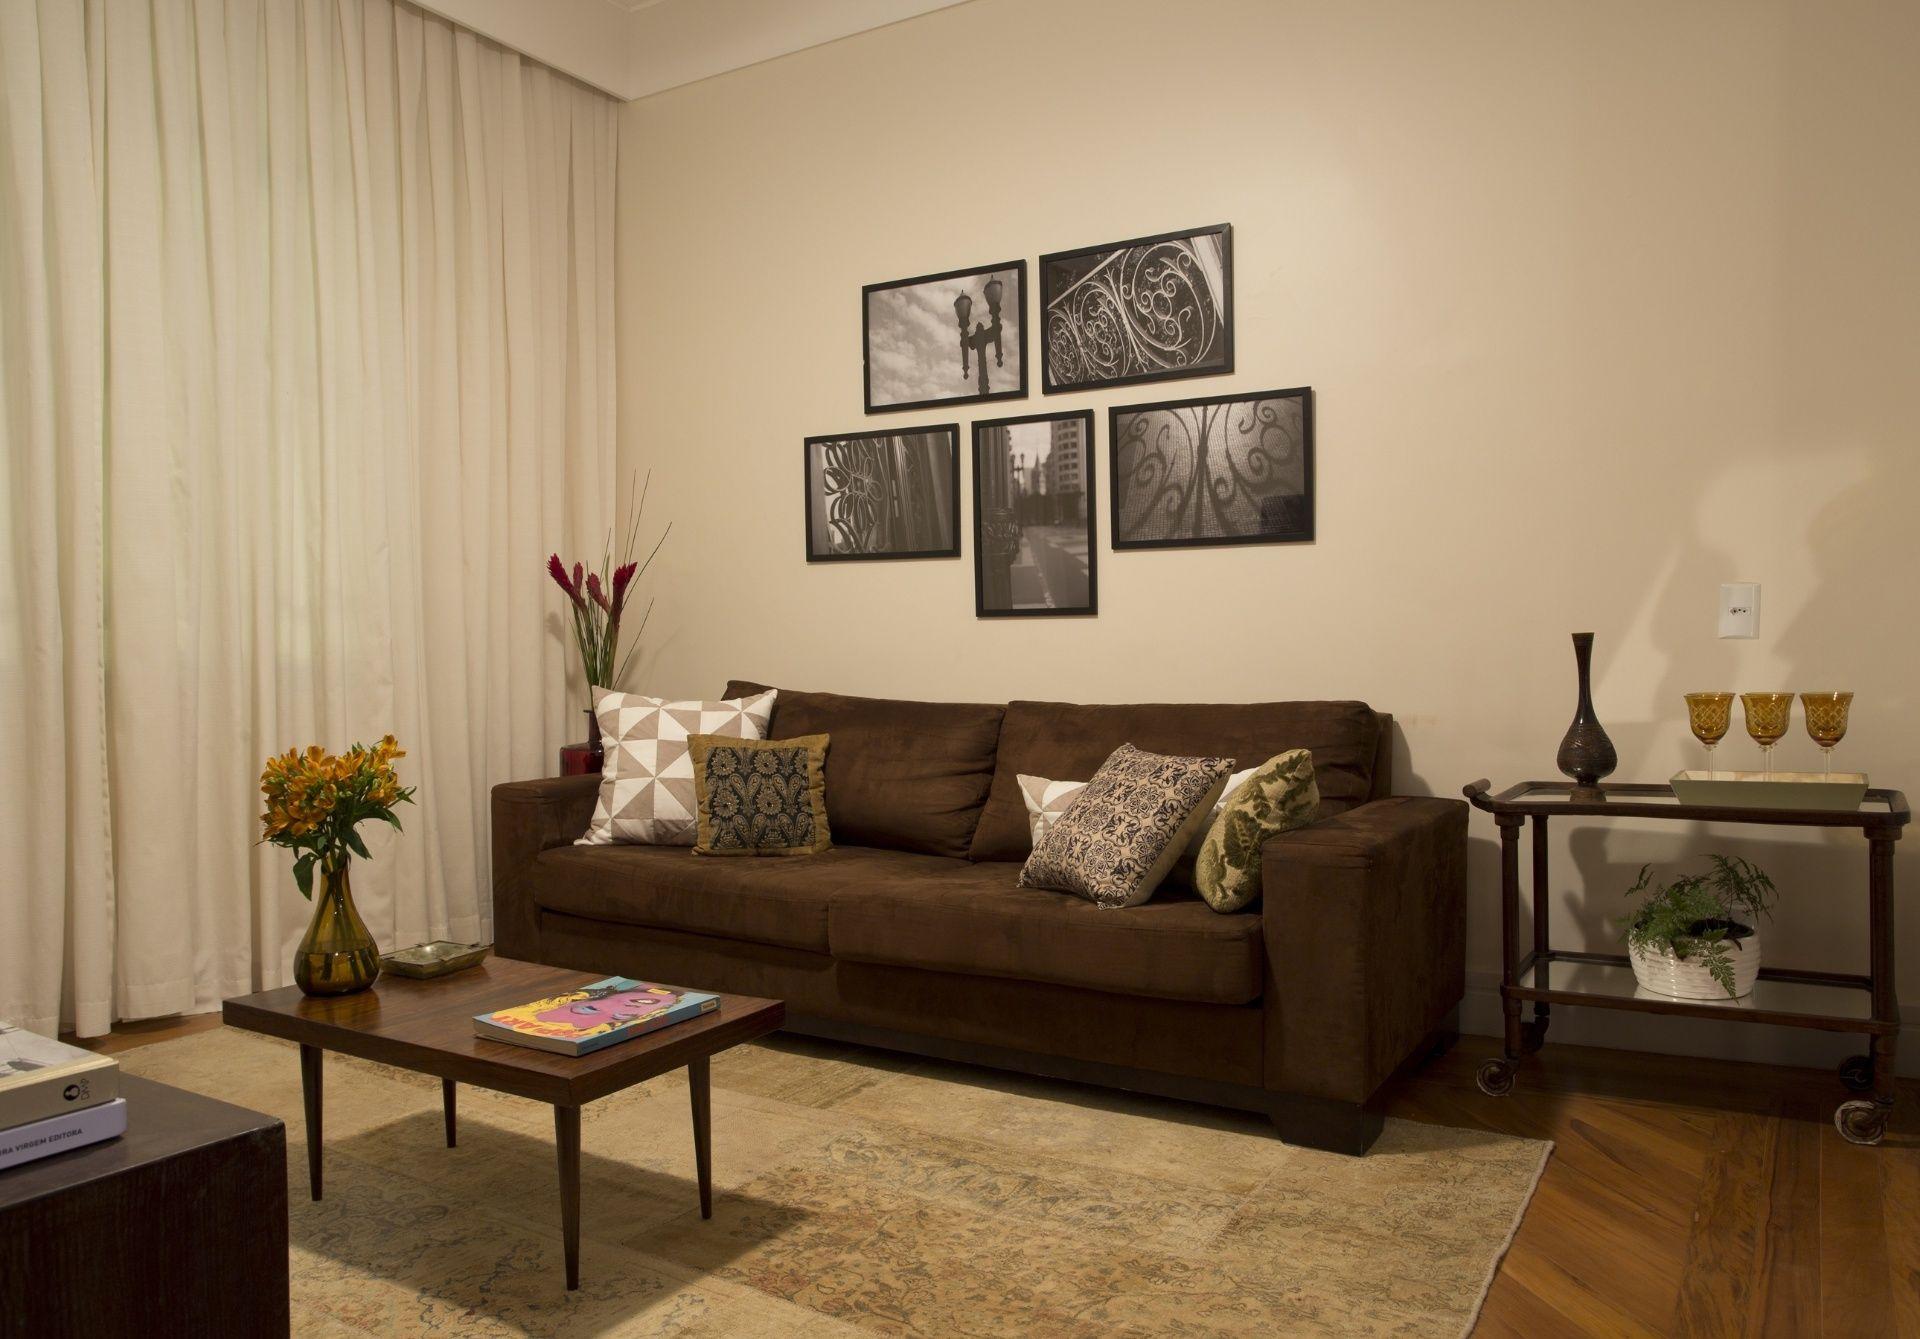 Retrofit De R 400 Mil Levanta Astral De Casa Dos Anos 50 No Centro  -> Decoracao De Sala De Tv Com Sofa Azul